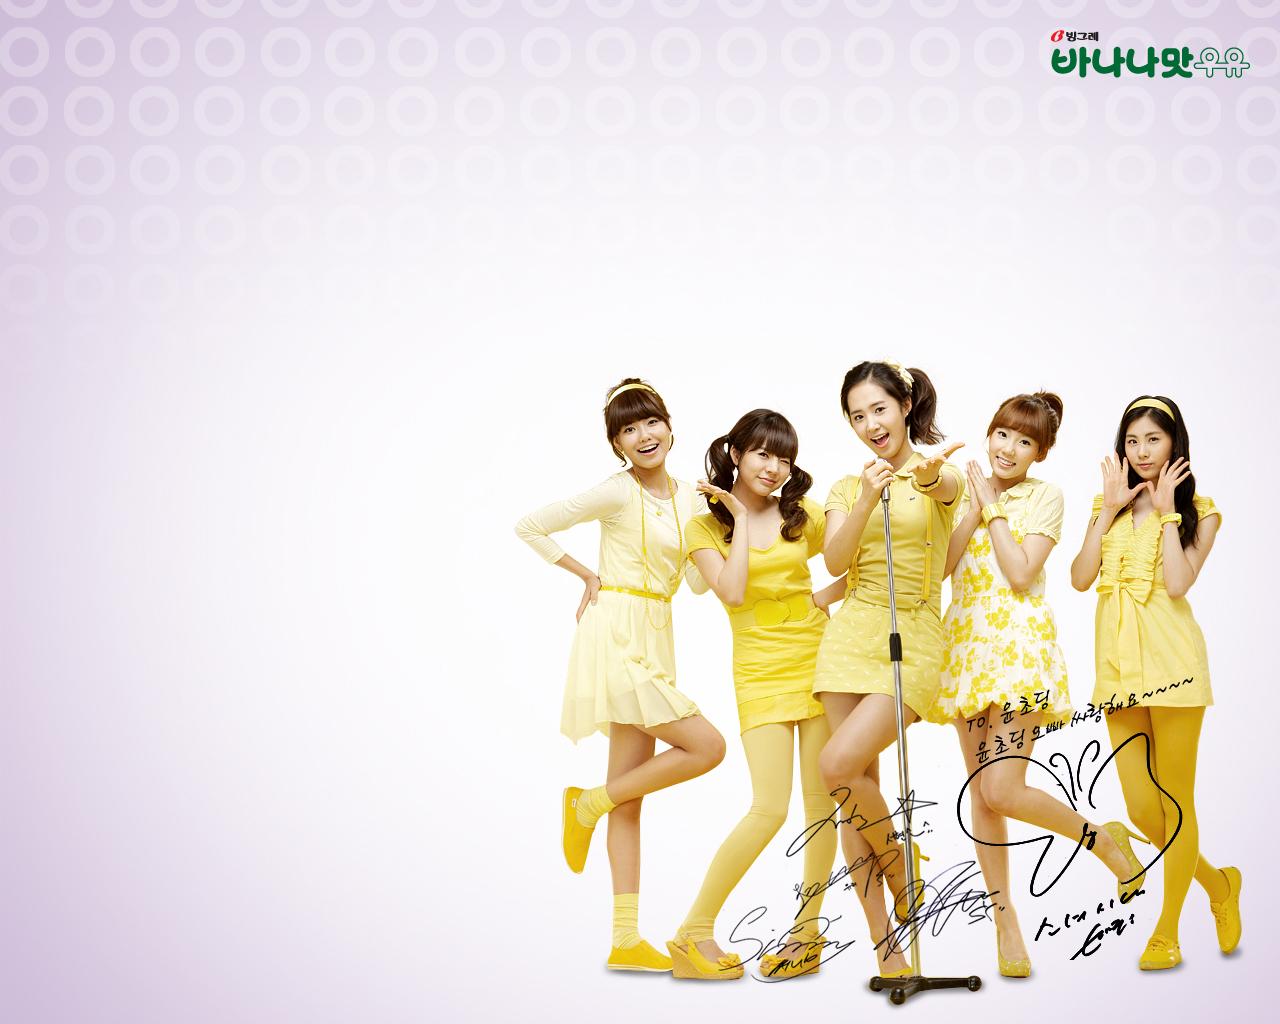 소녀시대 온라인 팬사인회 바탕화면